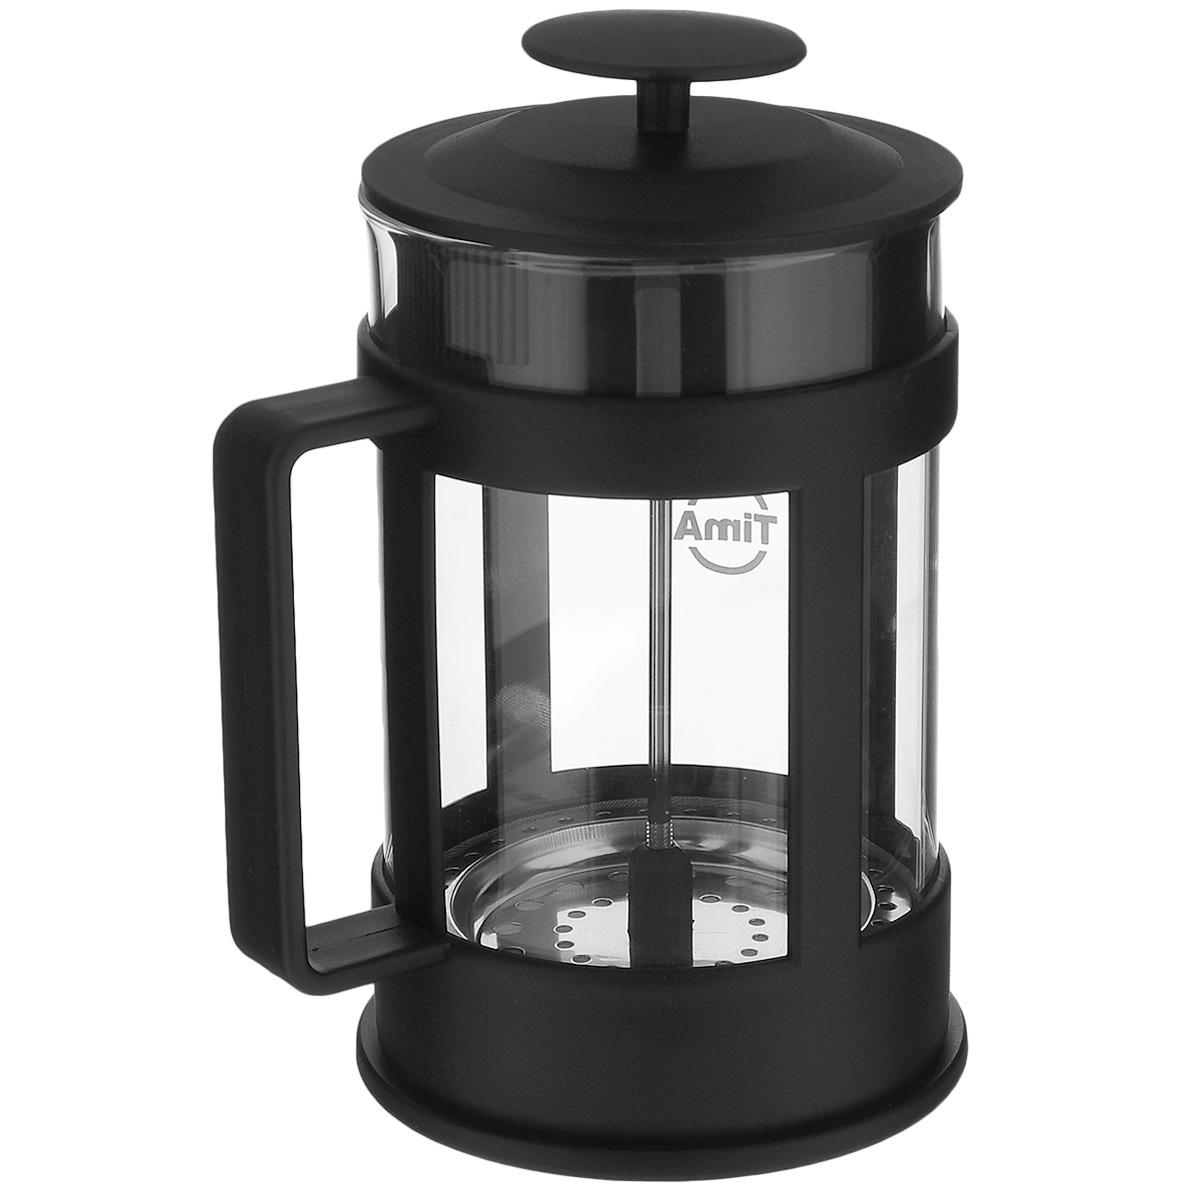 Френч-пресс TimA Марципан, 350 млFM-350Френч-пресс TimA Марципан, изготовленный из жаропрочного боросиликатного стекла и высококачественного пластика, это совершенный чайник для приготовления кофе или чая методом настаивания и отжима. Изделие с плотной крышкой и удобной ручкой имеет специальный поршень с фильтром из нержавеющей стали для отделения чайных листьев от воды. После заваривания чая фильтр не надо вынимать. Заваривание чая - это приятное и легкое занятие. Френч-пресс TimA Марципан займет достойное место на вашей кухне. Можно мыть в посудомоечной машине. Объем: 350 мл. Диаметр (по верхнему краю): 7 см. Высота (без учета крышки): 13,5 см.